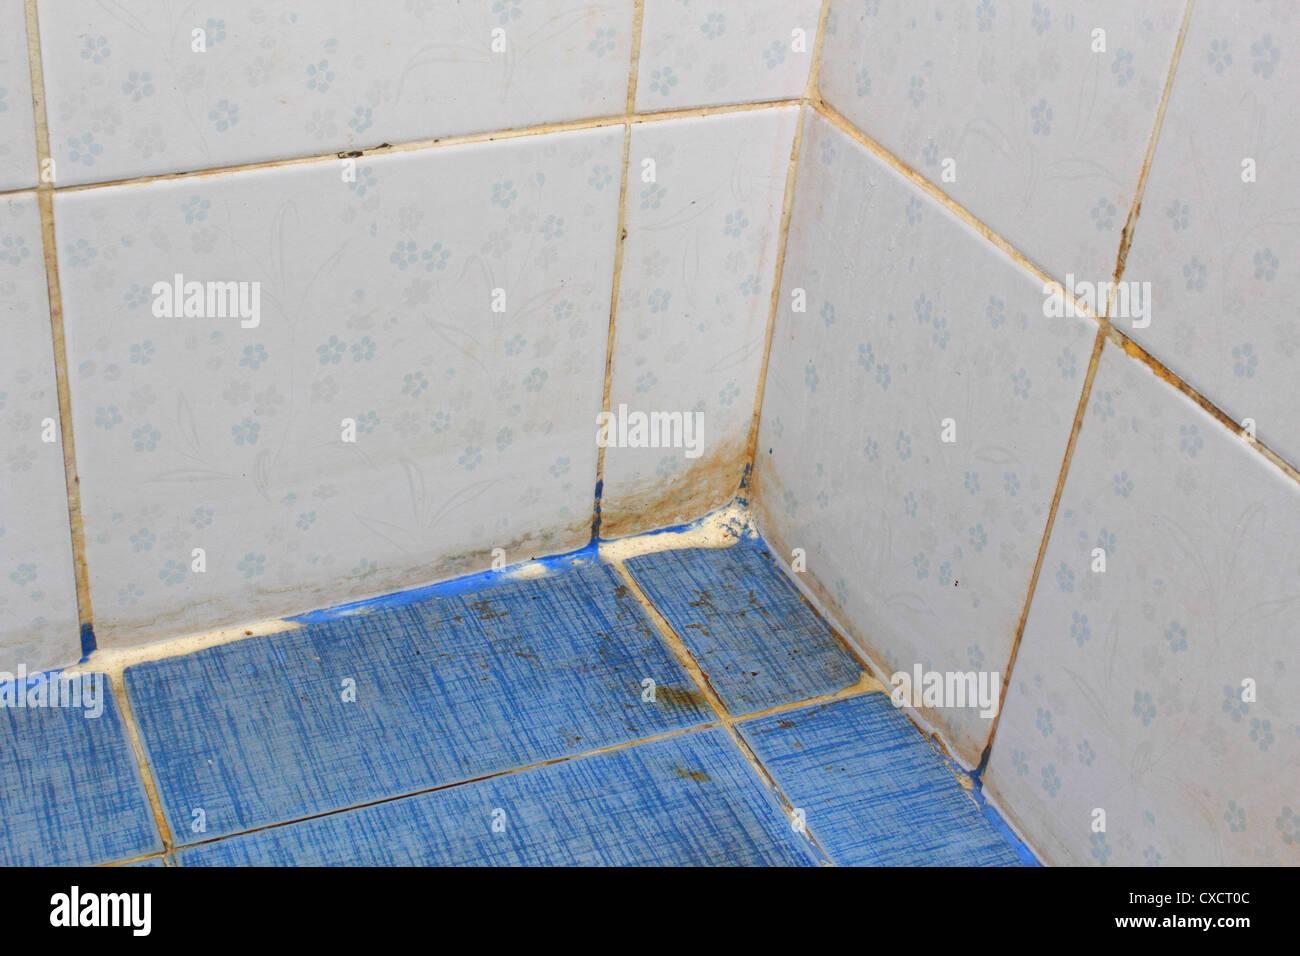 Ein schmutziges Badezimmer Stockfoto, Bild: 50684044 - Alamy